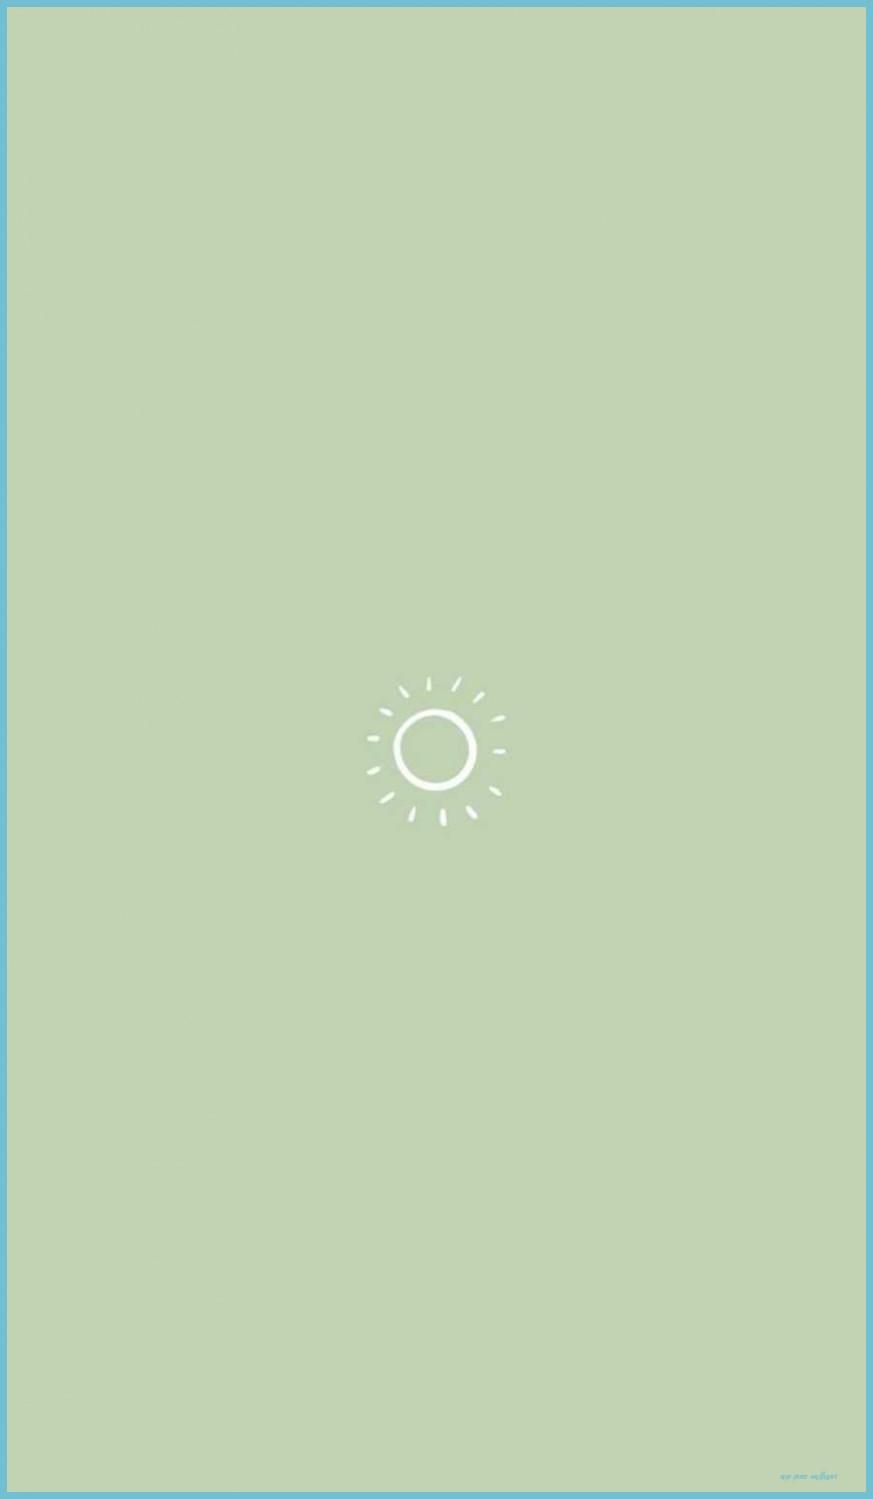 873x1499 Aesthetic Sage Hình nền xanh - KoLPaPer - Hình nền HD miễn phí tuyệt vời - Hình nền Sage Green